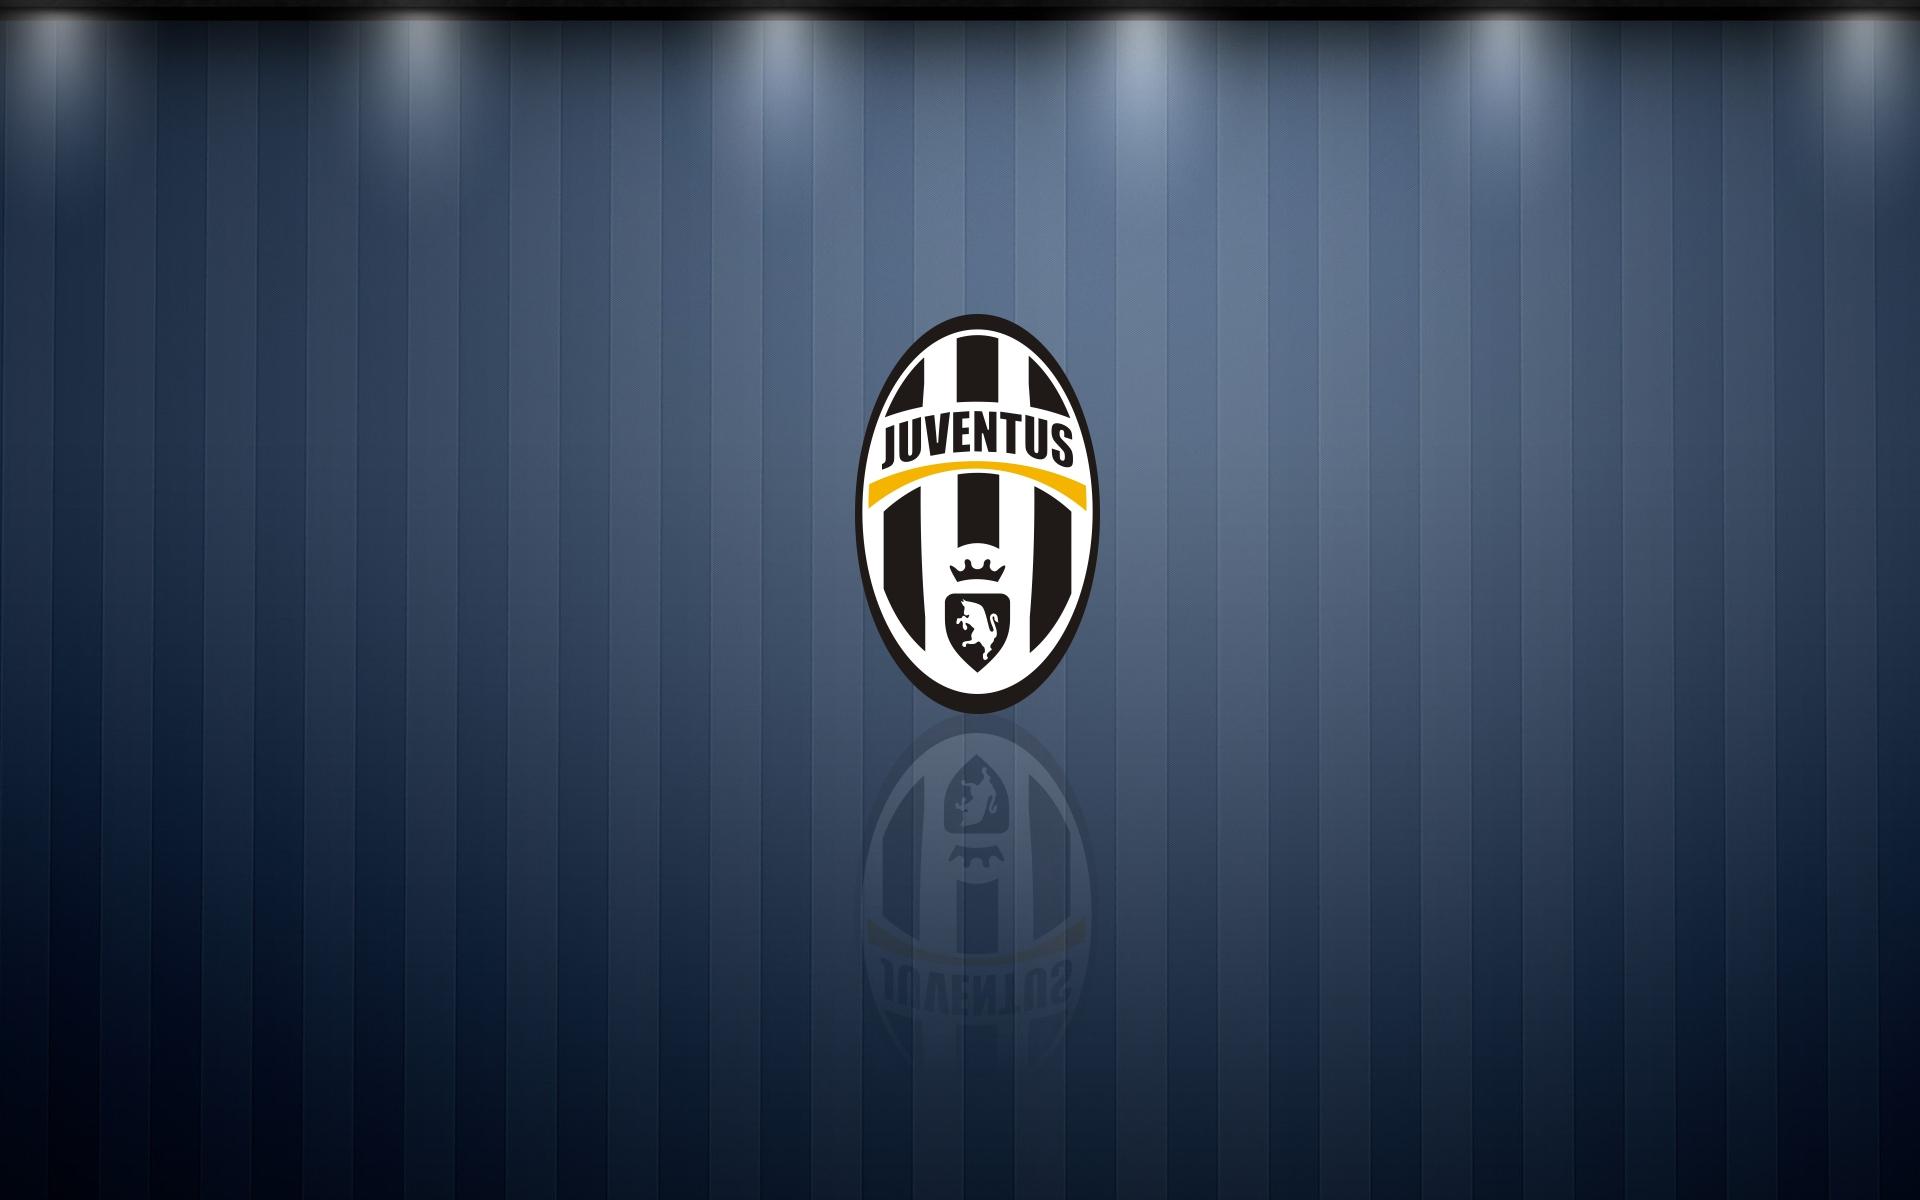 Most Inspiring Wallpaper Logo Juventus - Juventus_FC_wallpaper_logo_1920x1200  Collection_109259.jpg